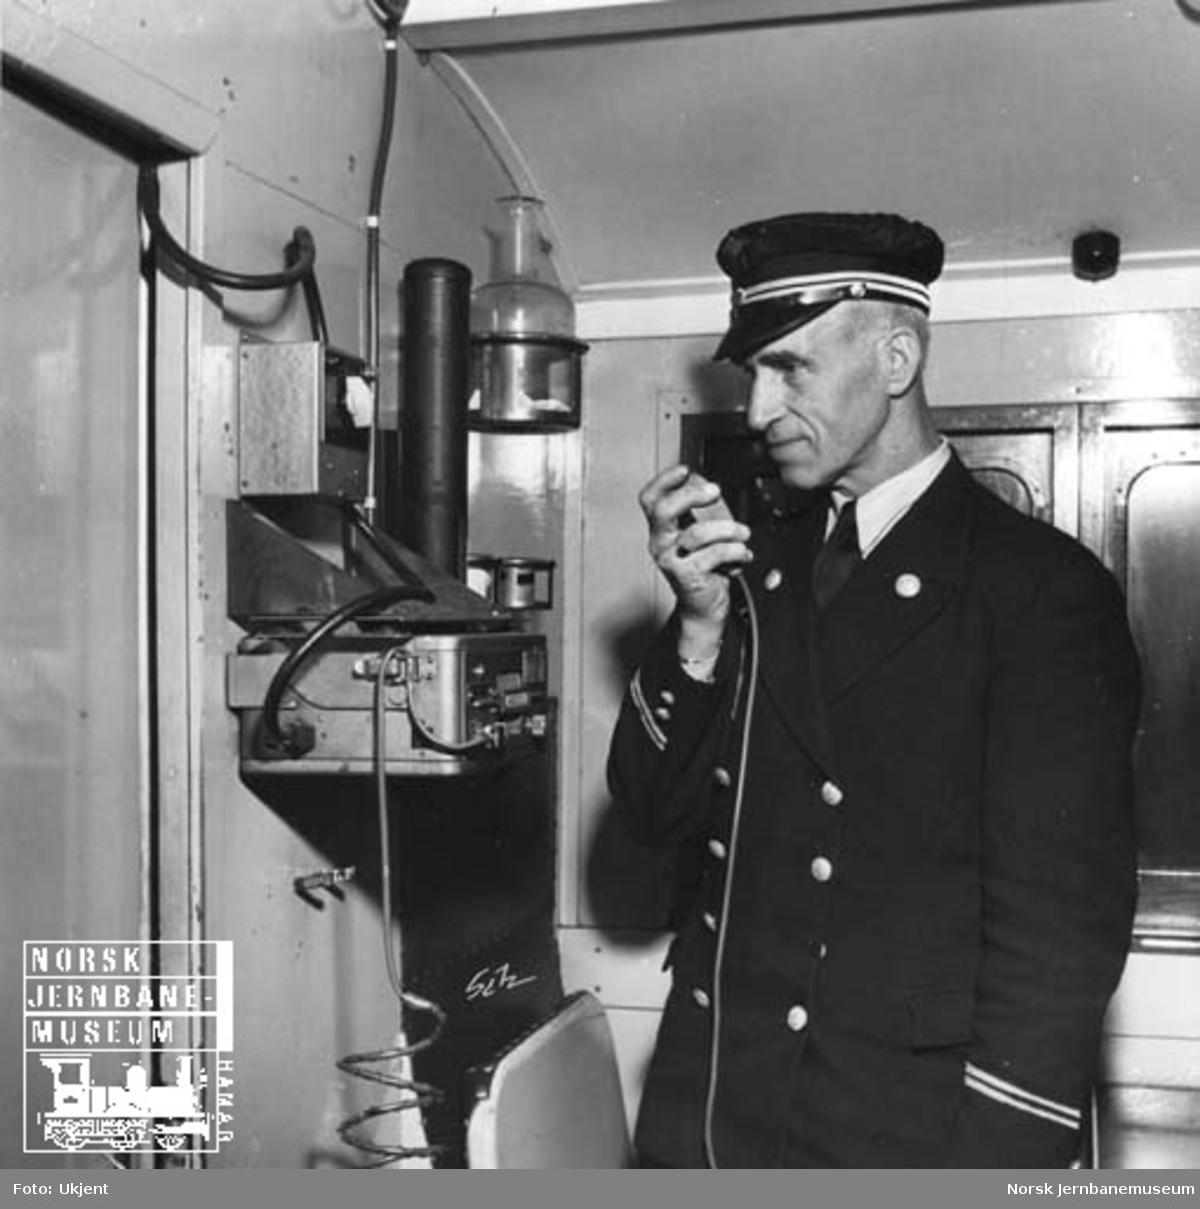 Radiotelefoni i Meråkerbanens godstog : lokomotivfører og konduktør bruker utstyret